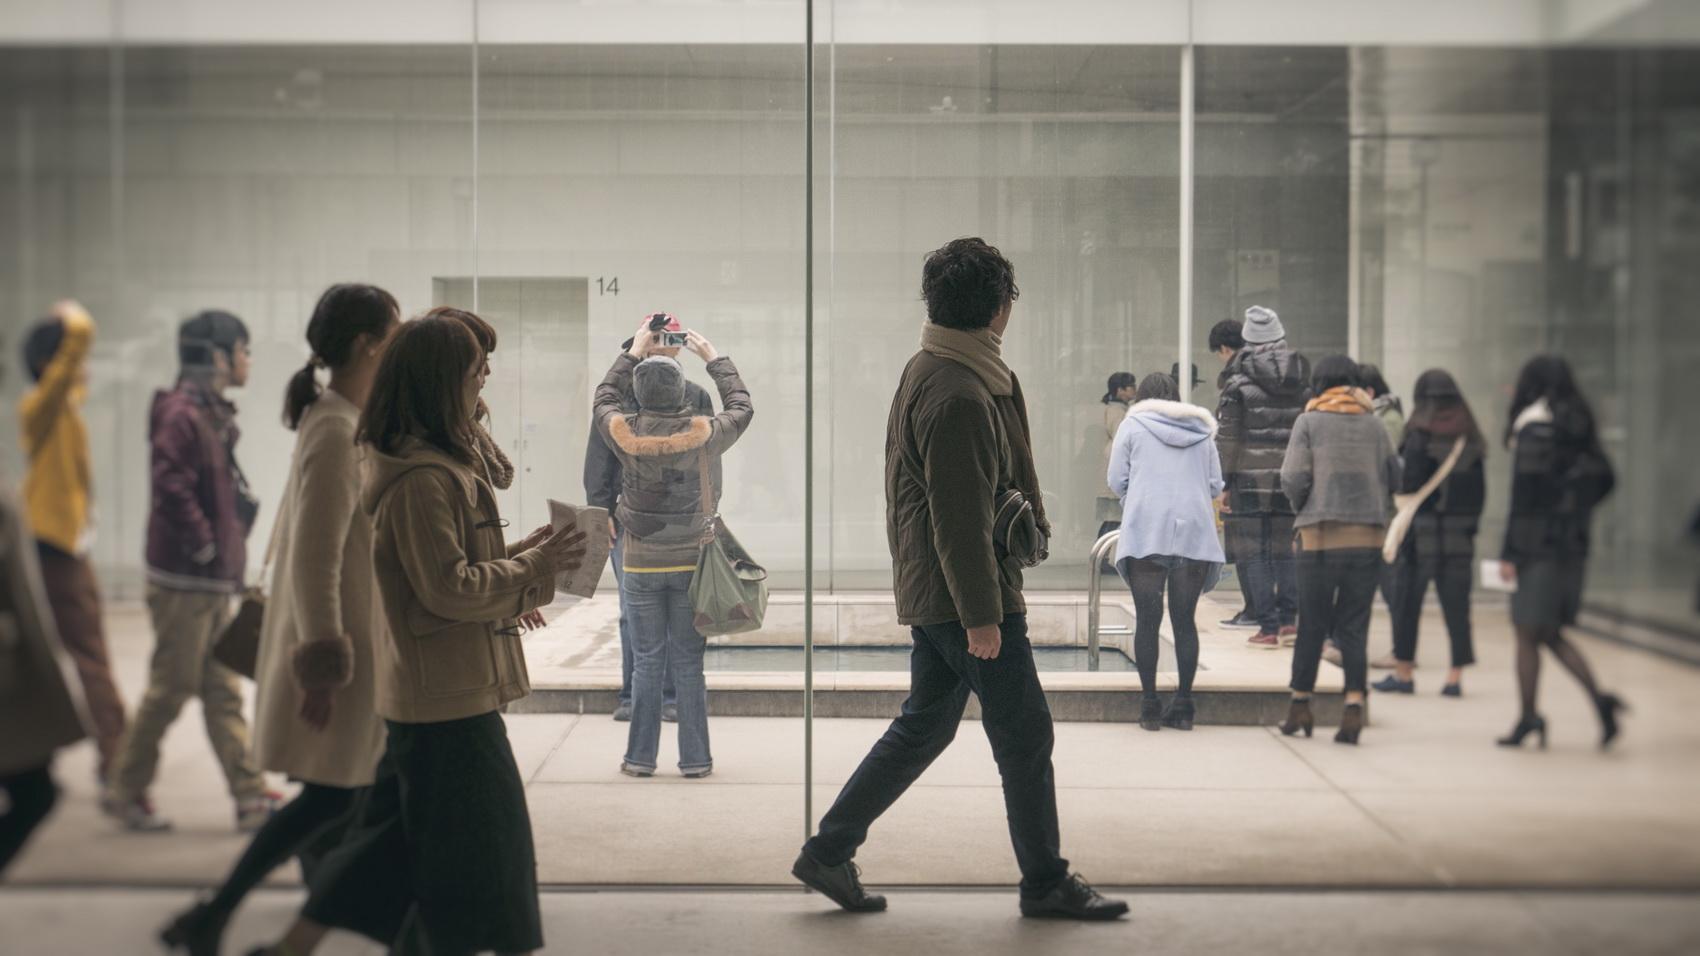 พิพิธภัณฑ์ศิลปะร่วมสมัยศตวรรษที่ 21 คานาซาว่า